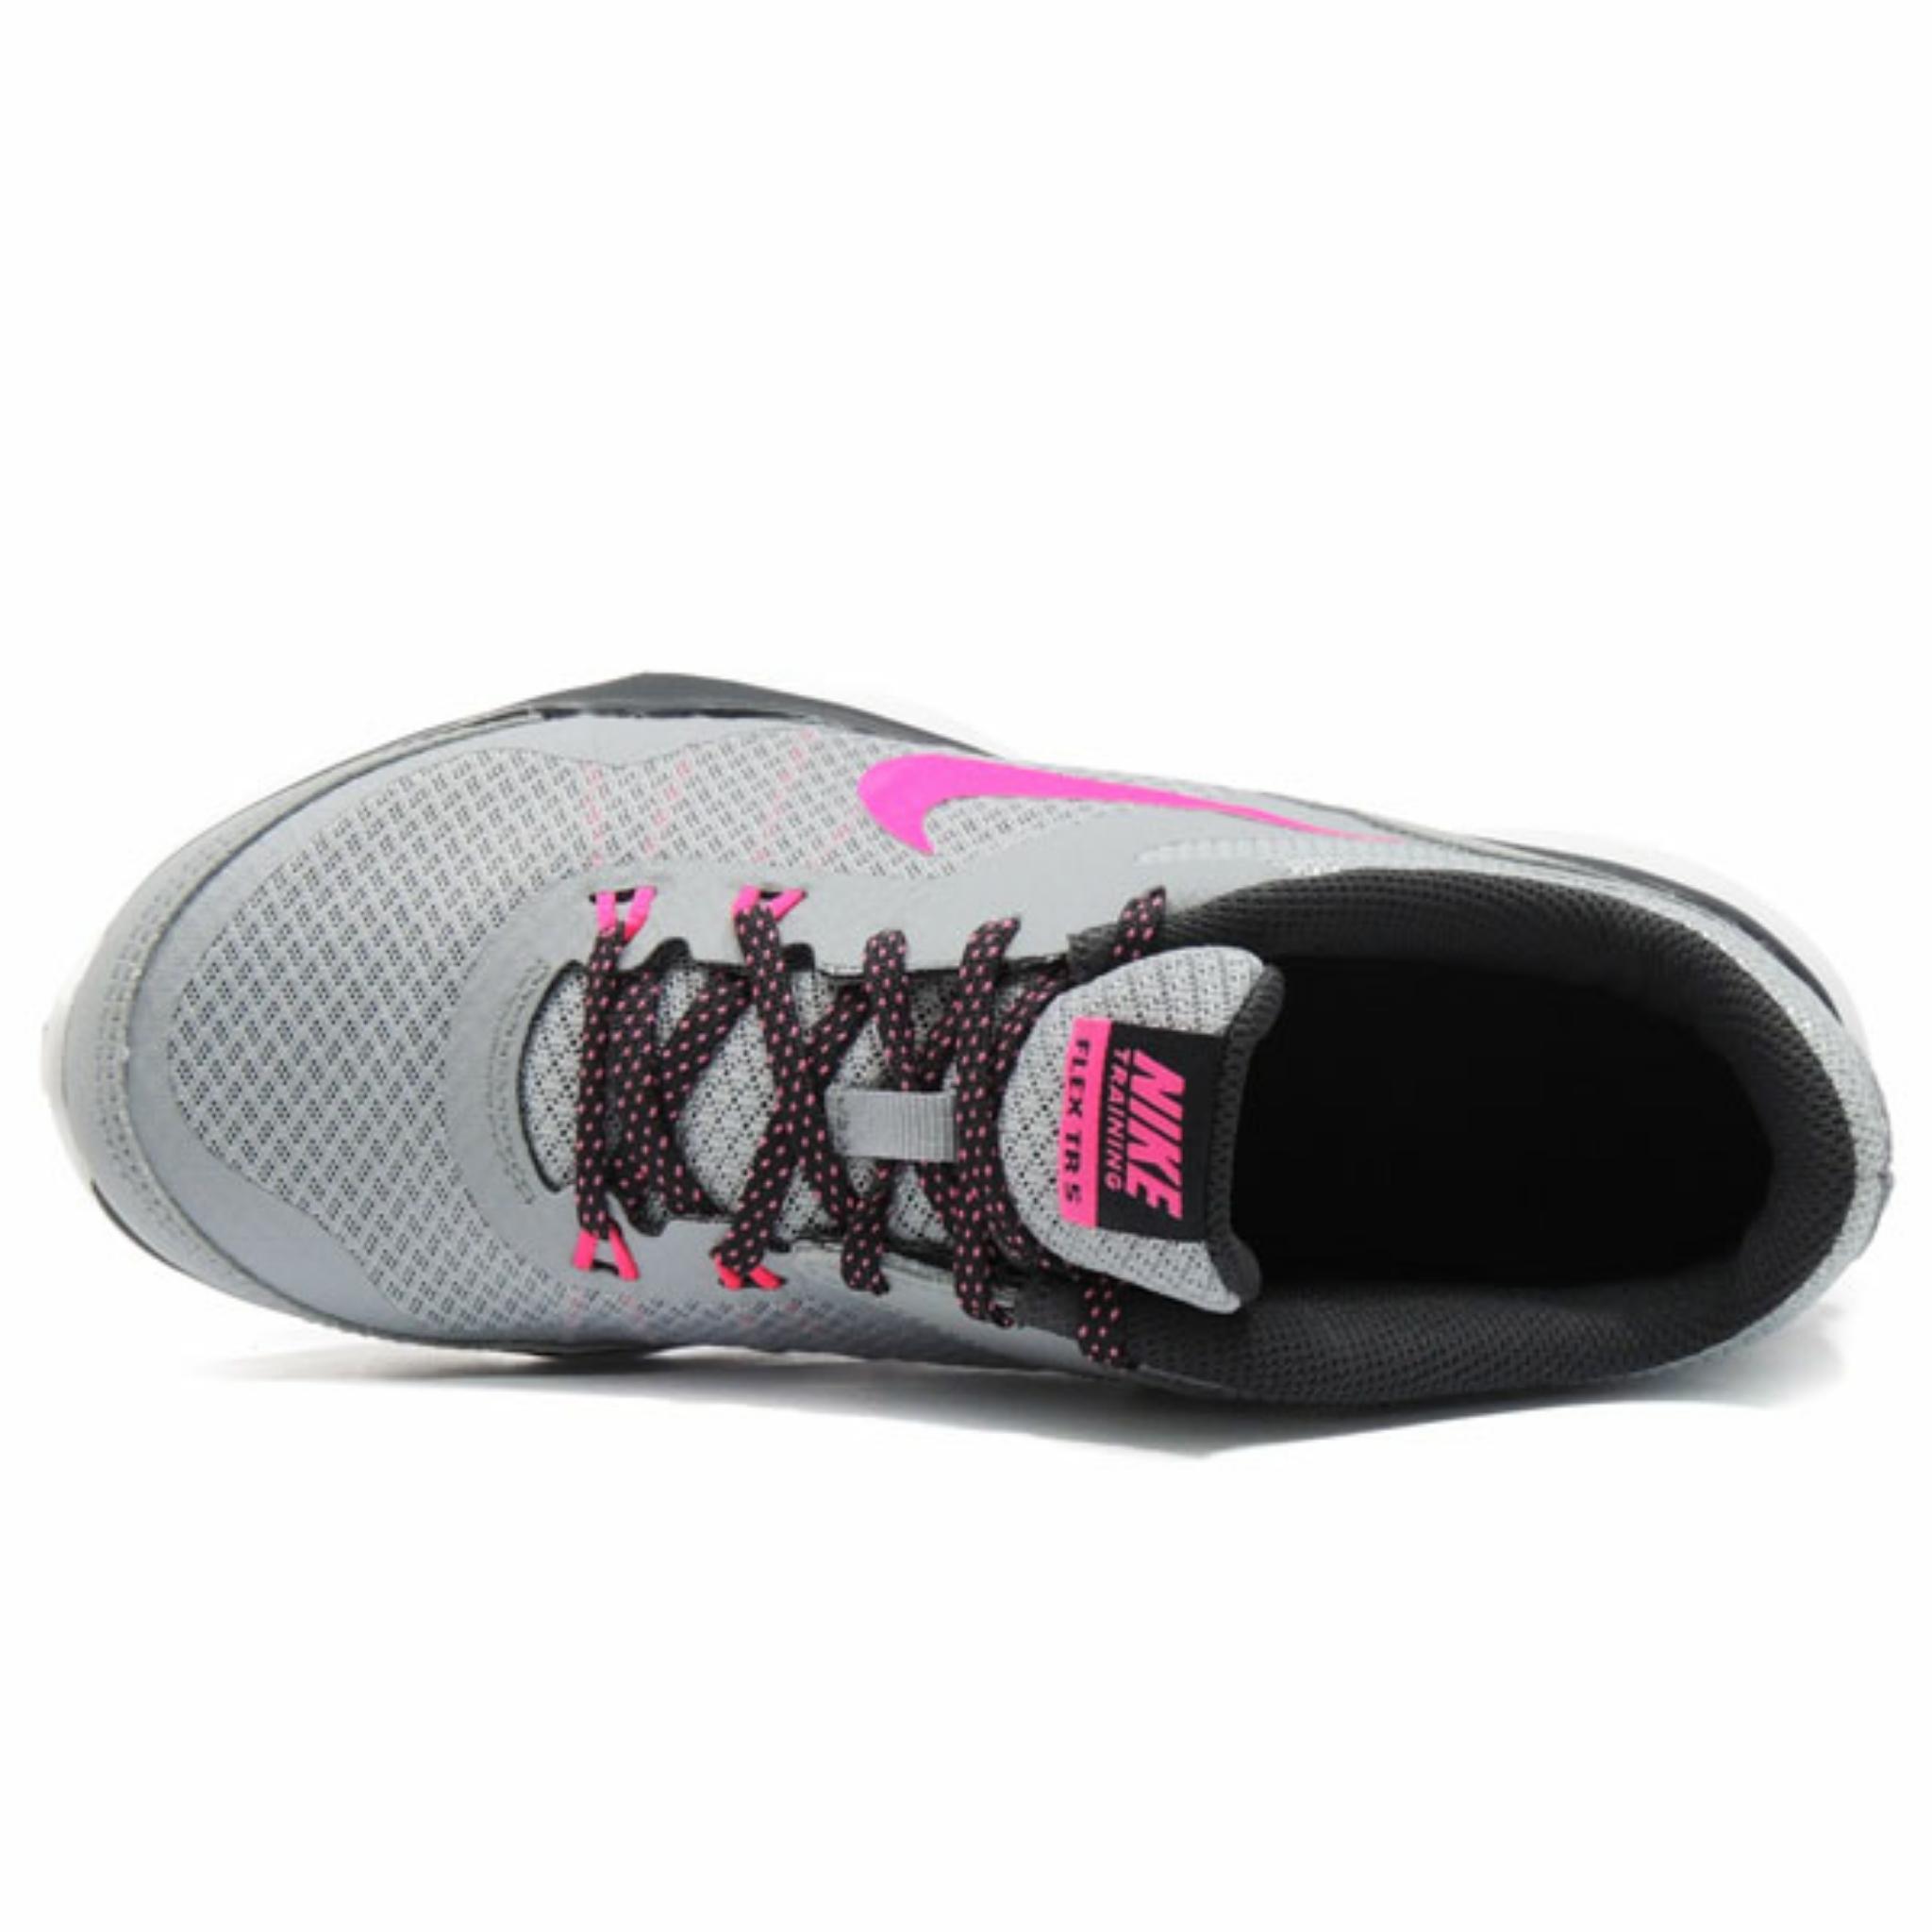 خرید                      کفش پیاده روی مردانه نایکی مدل FLEX TRAINER 5